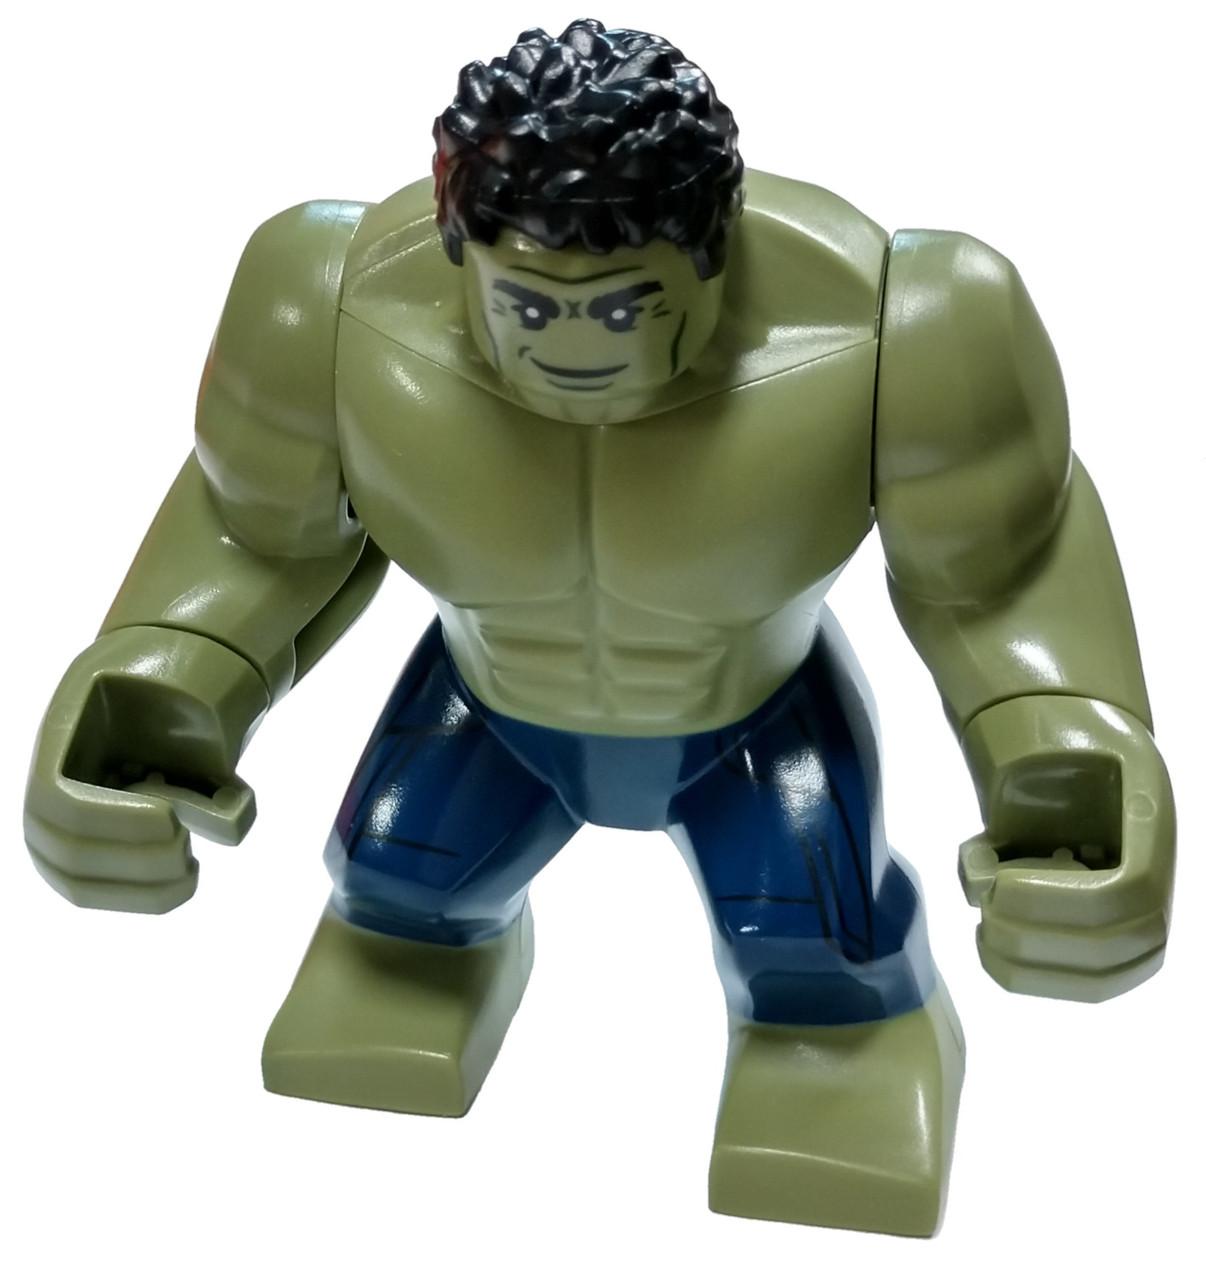 LEGO Marvel Super Heroes Avengers Endgame Hulk Minifigure ...